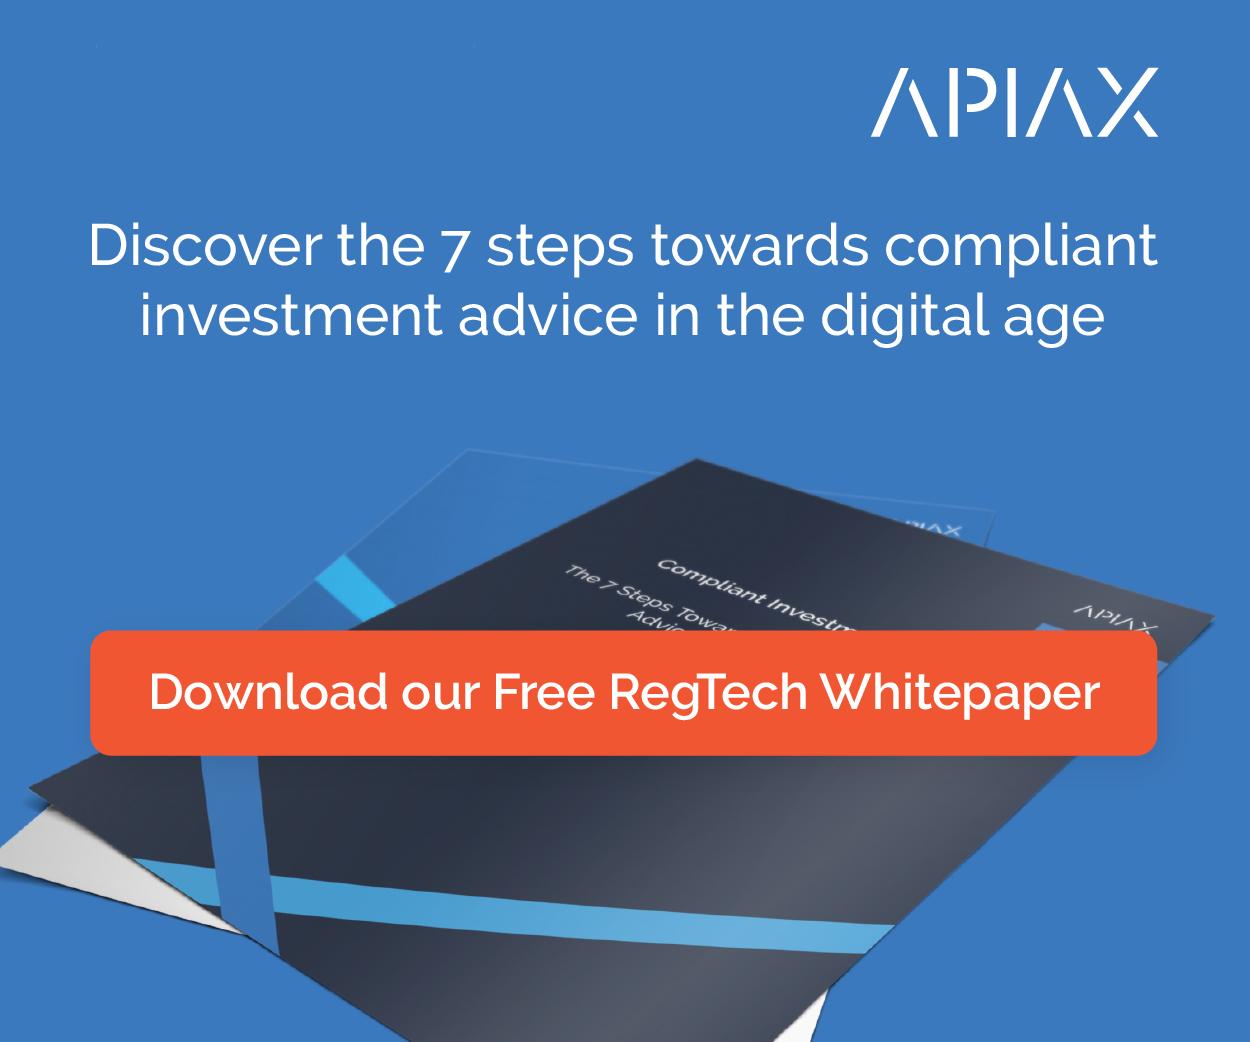 Apiax Regtech